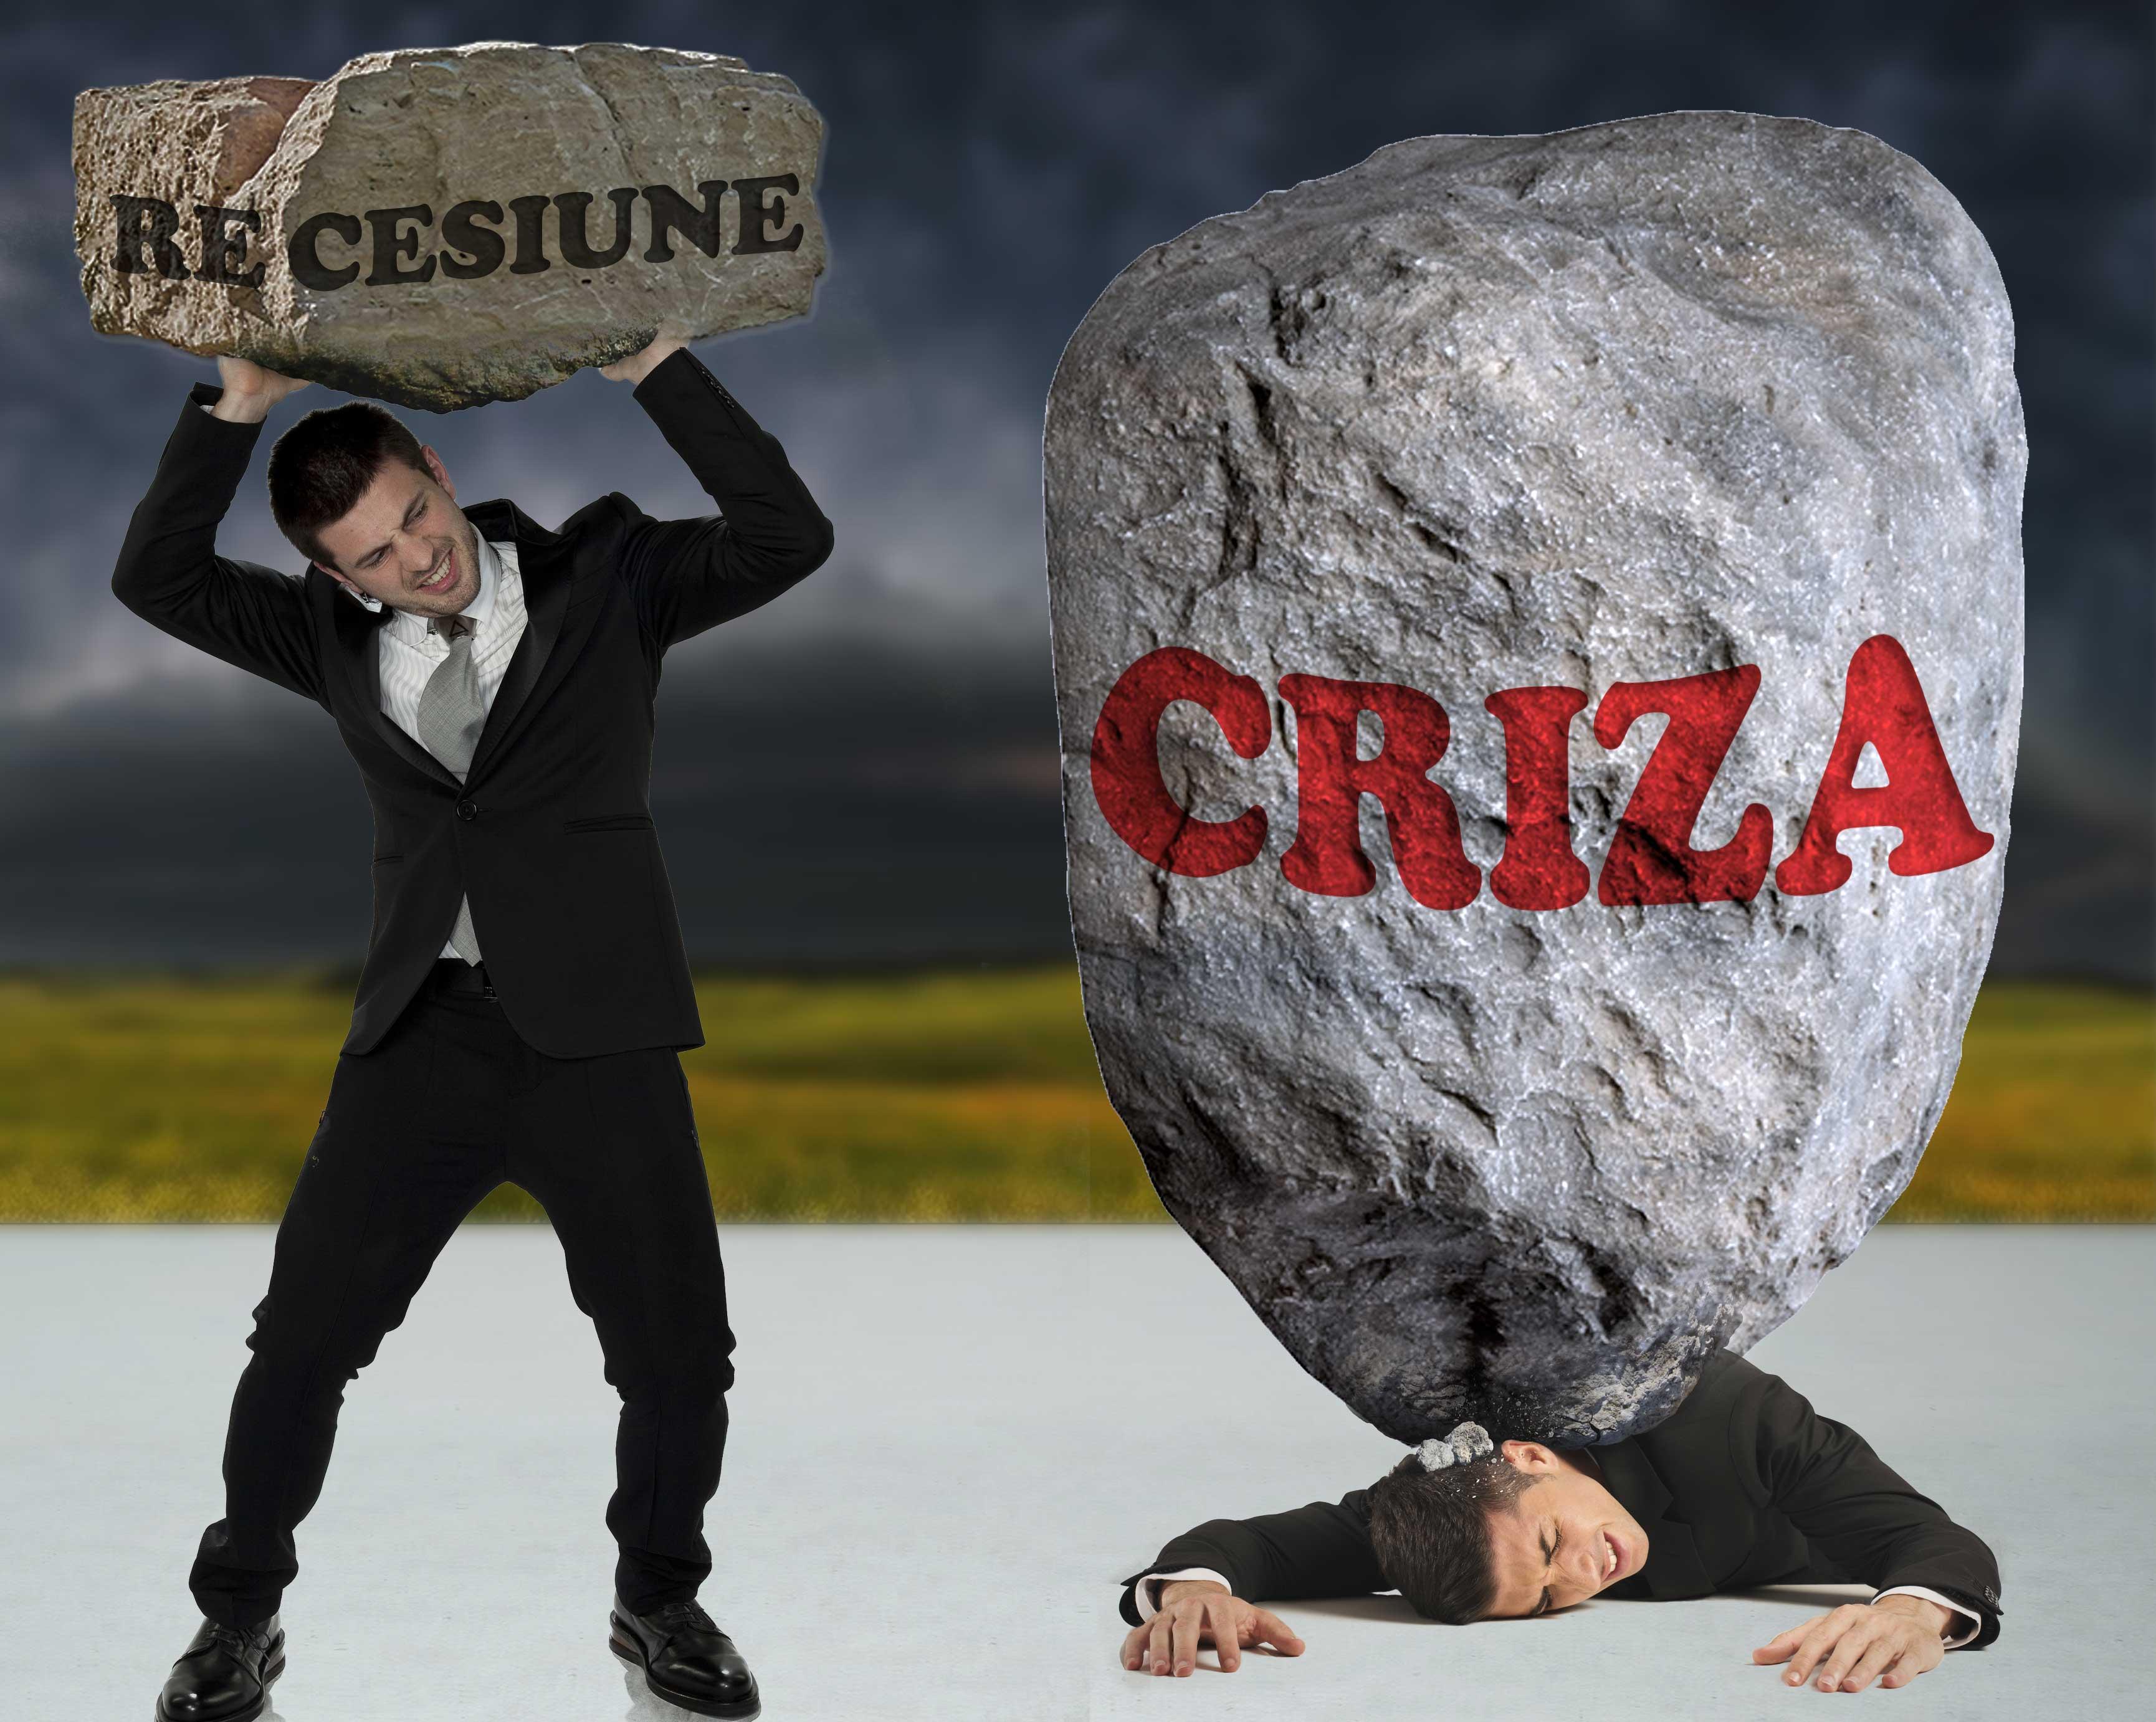 Urmează a doua criză economică mondială! Specialiștii avertizează